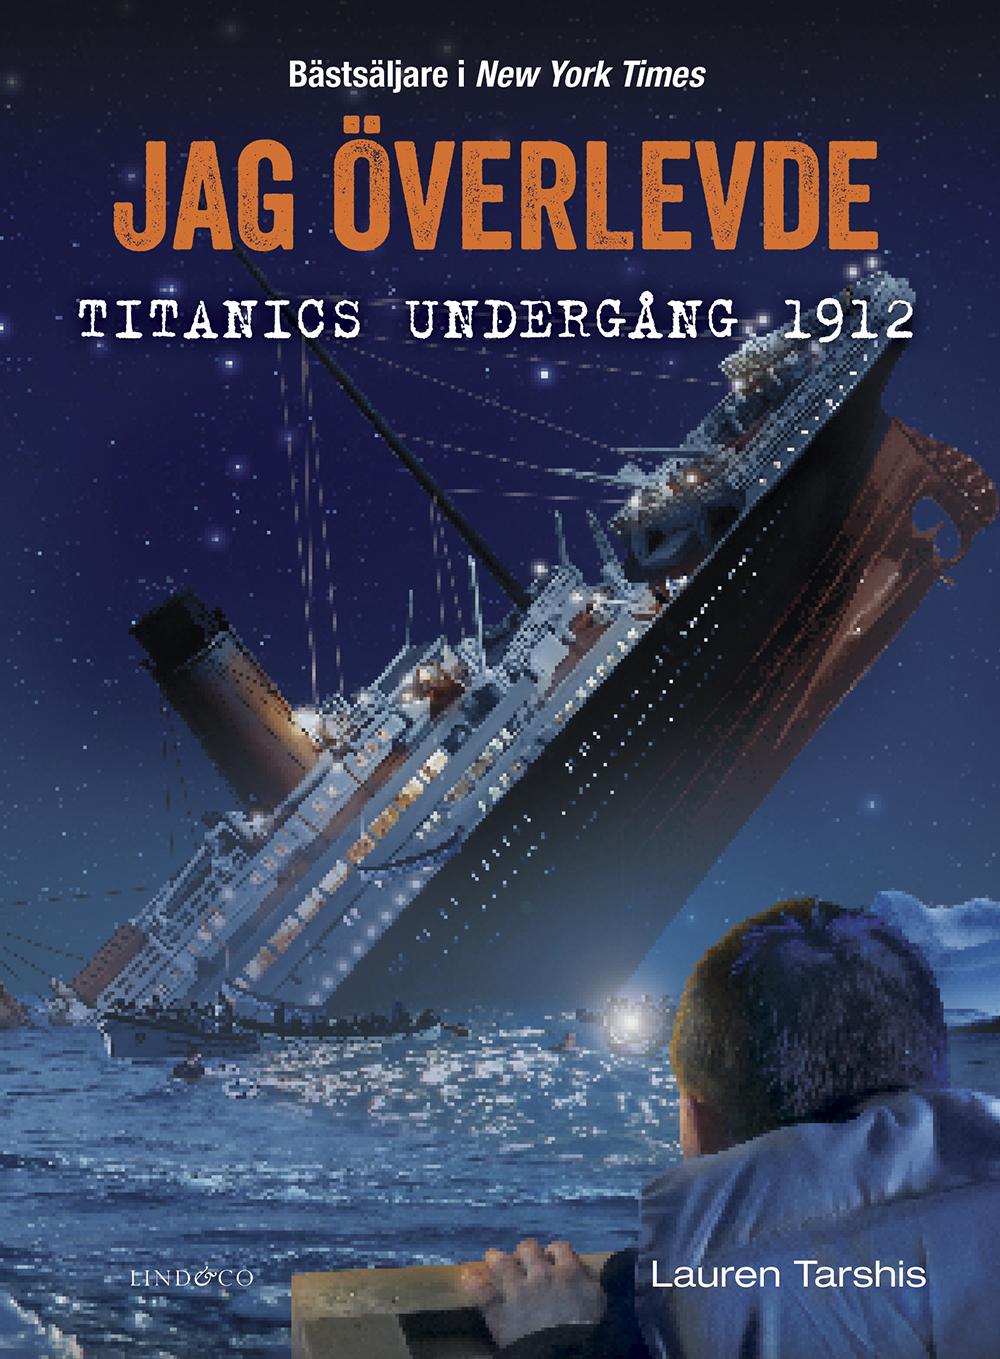 Lauren Tarshis – Jag överlevde Titanics undergång 1912